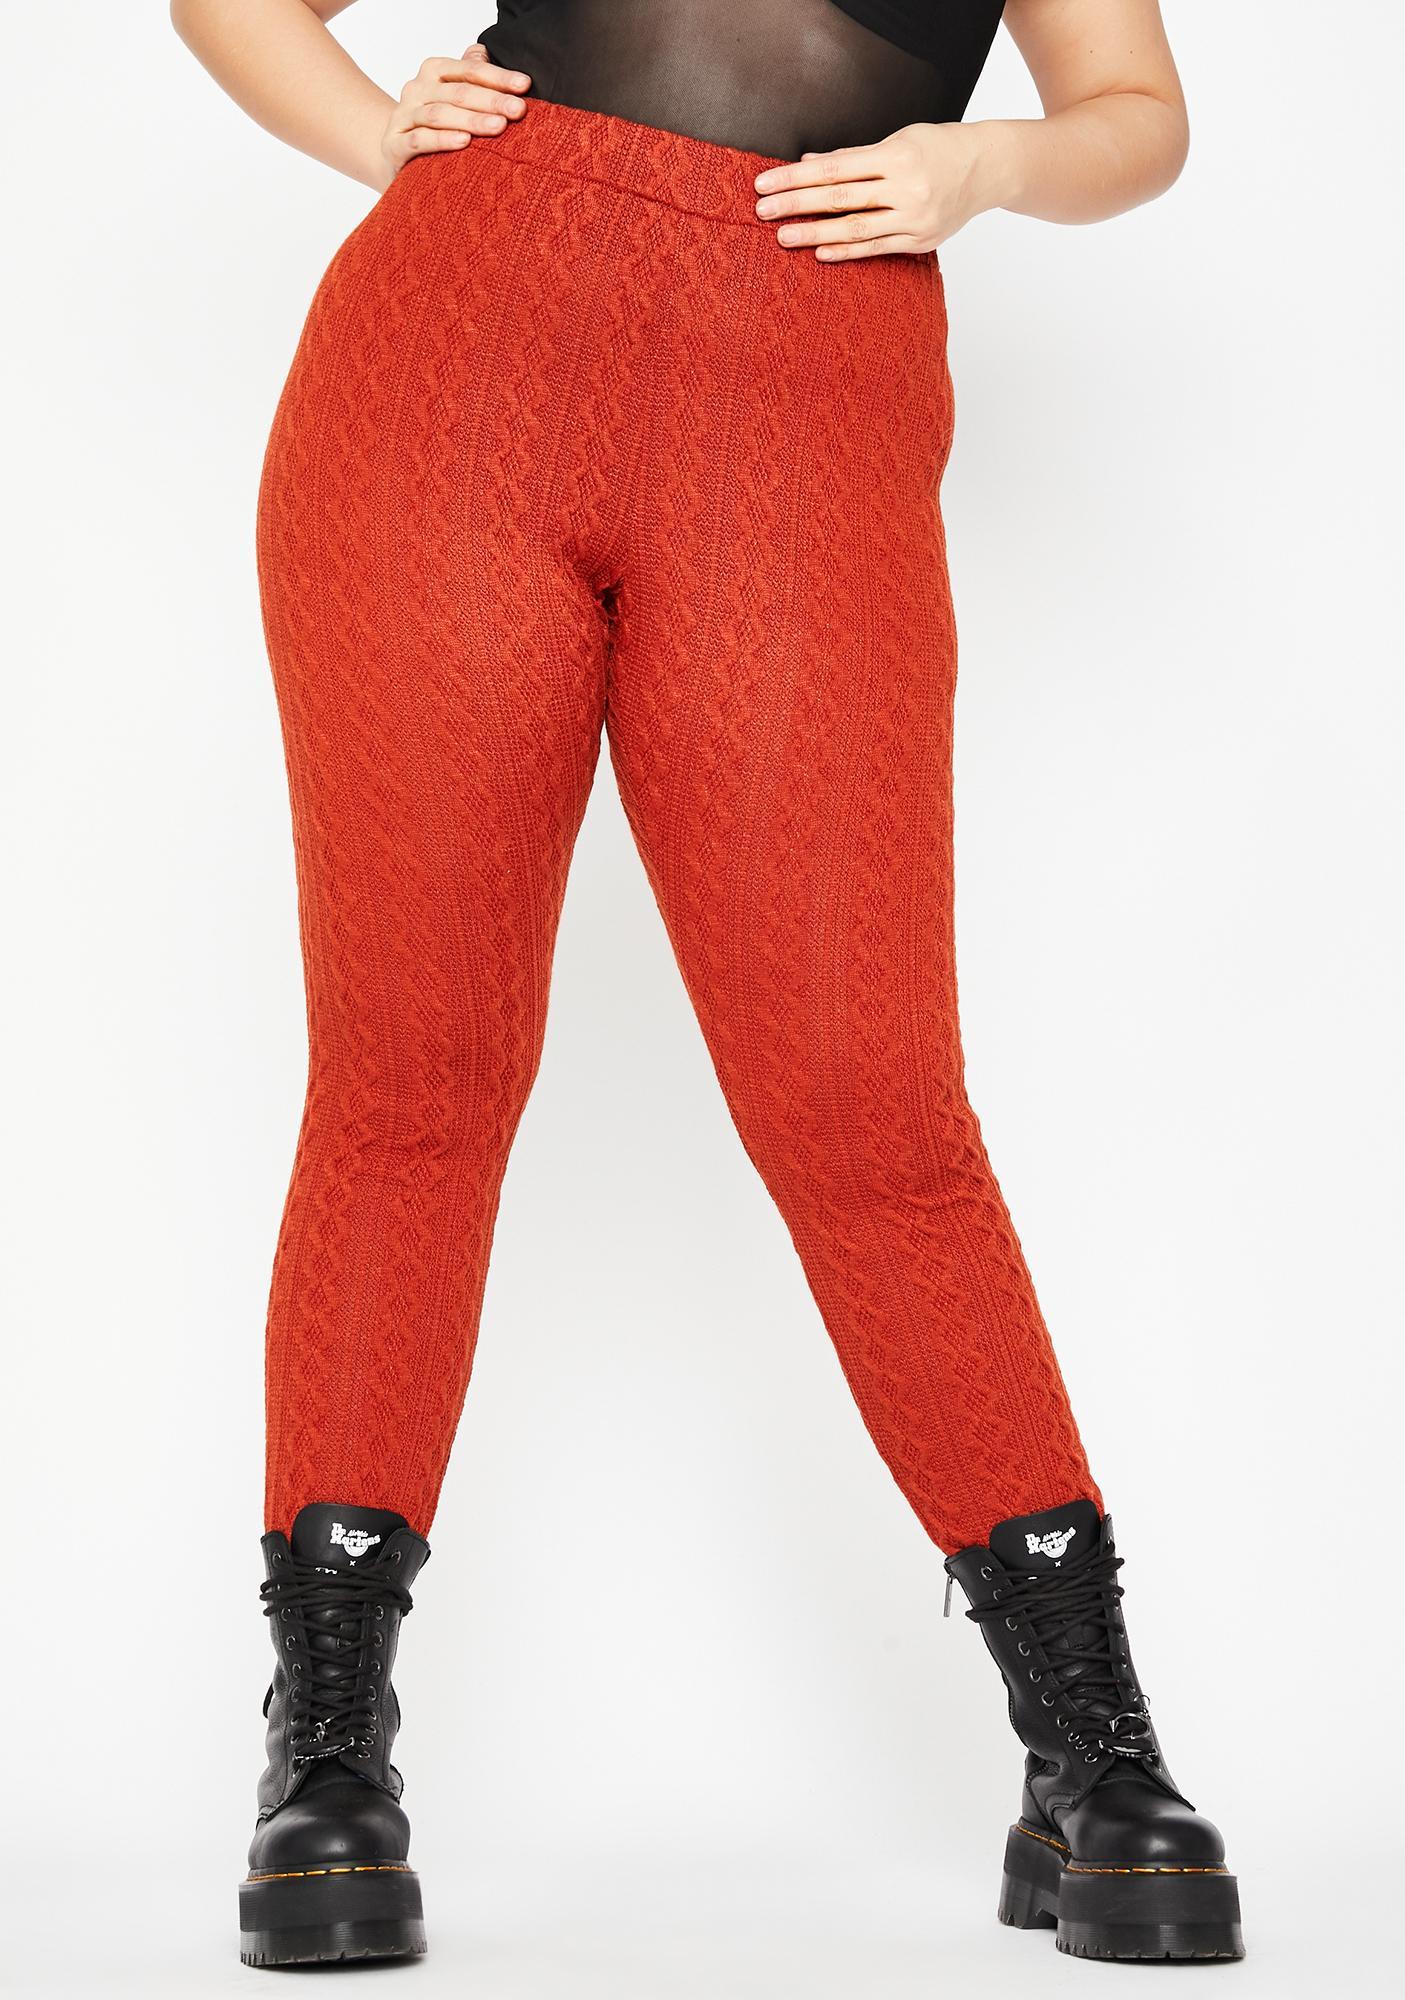 Lux By The Fireside Knit Leggings